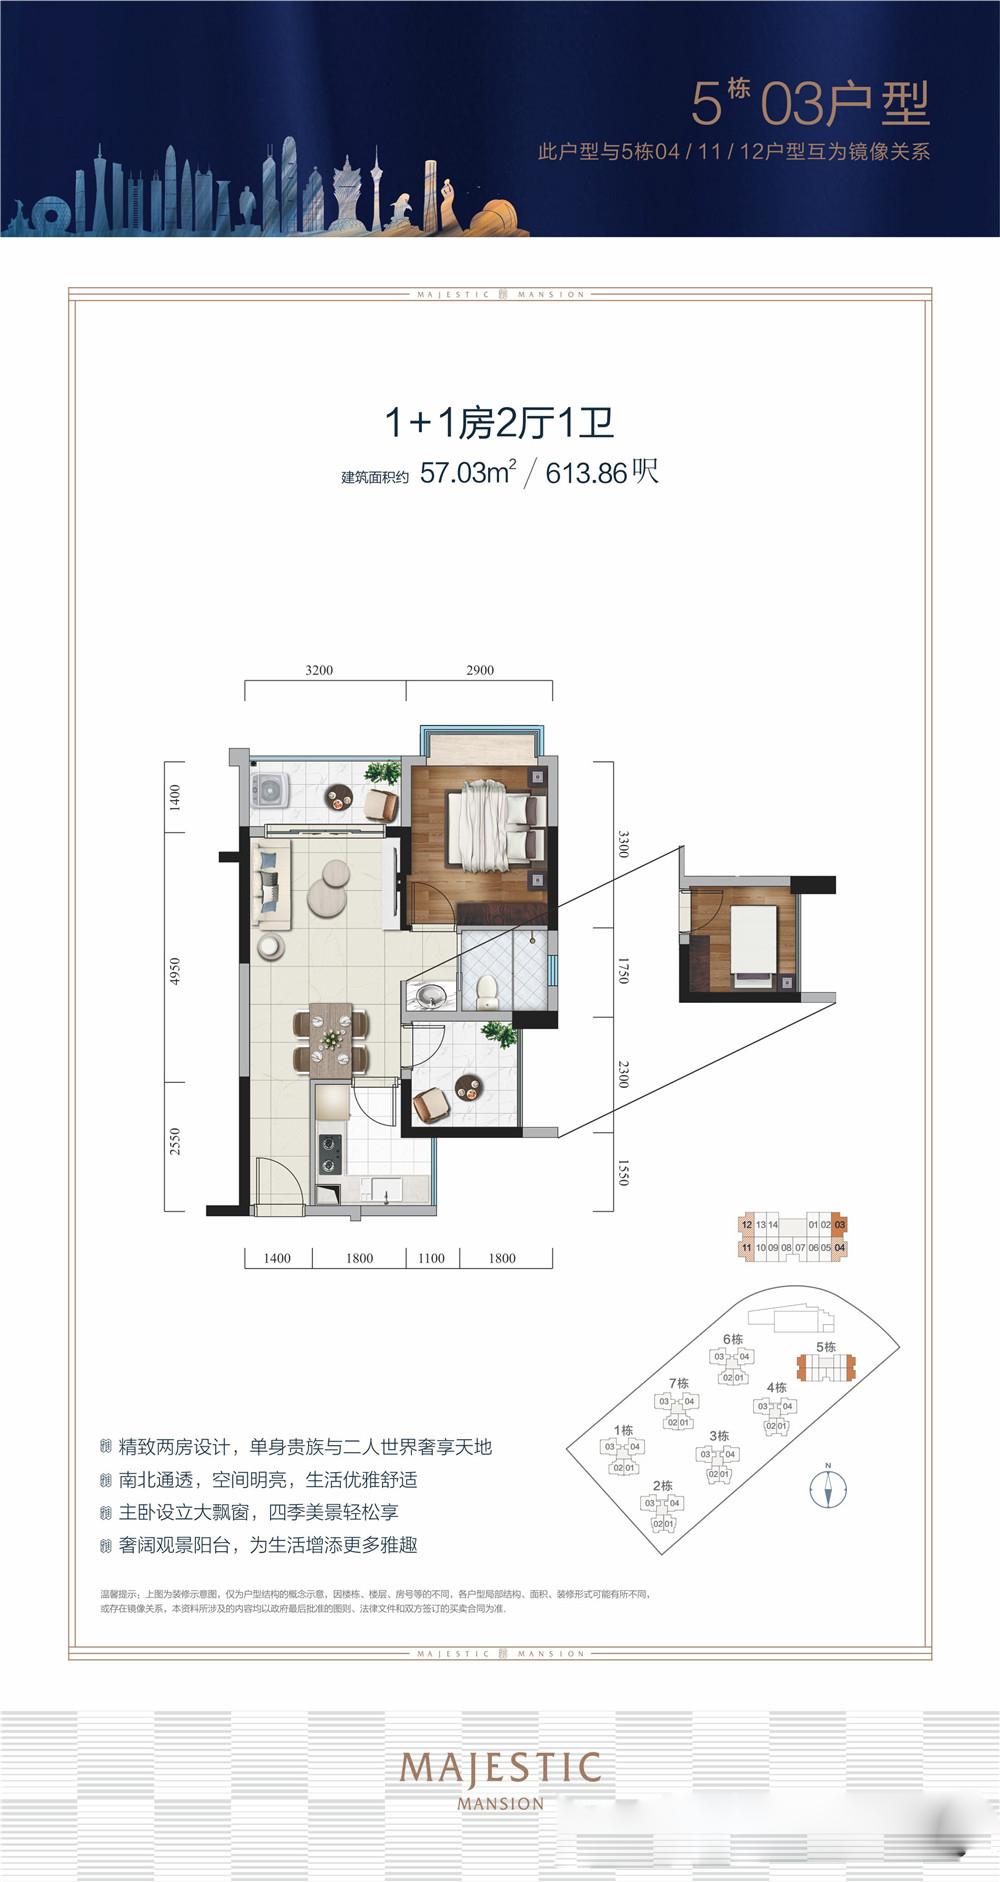 两房两厅一卫 建面约57㎡